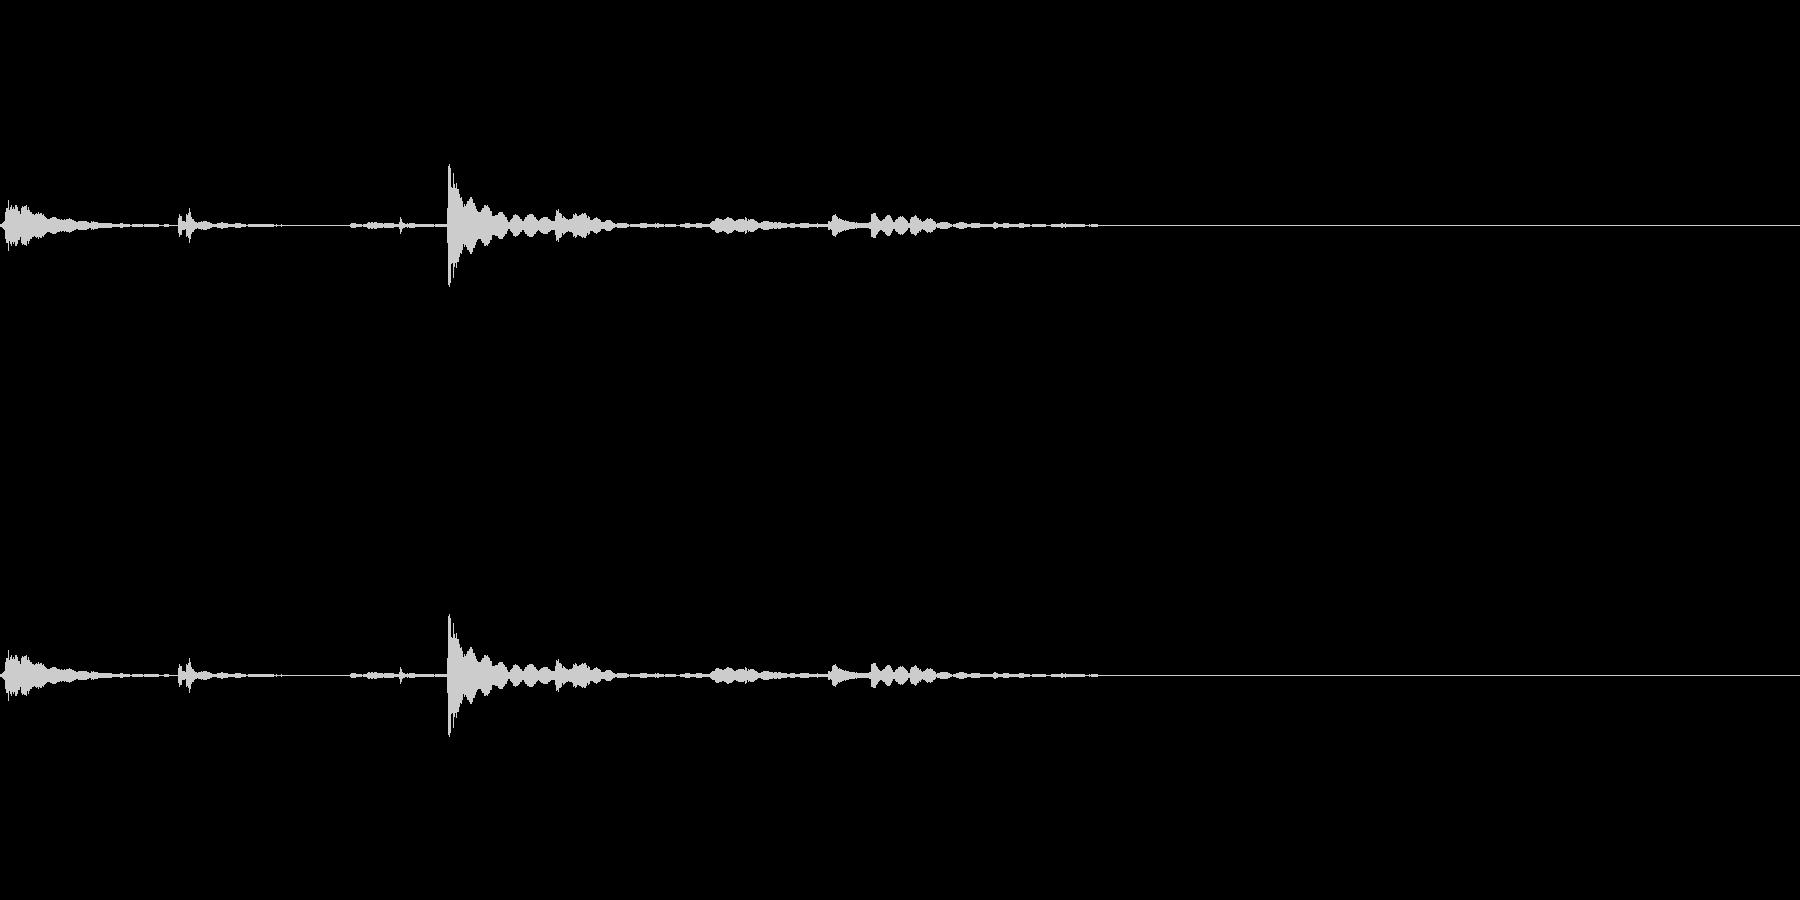 コップの中を混ぜてた時の氷の音 1の未再生の波形